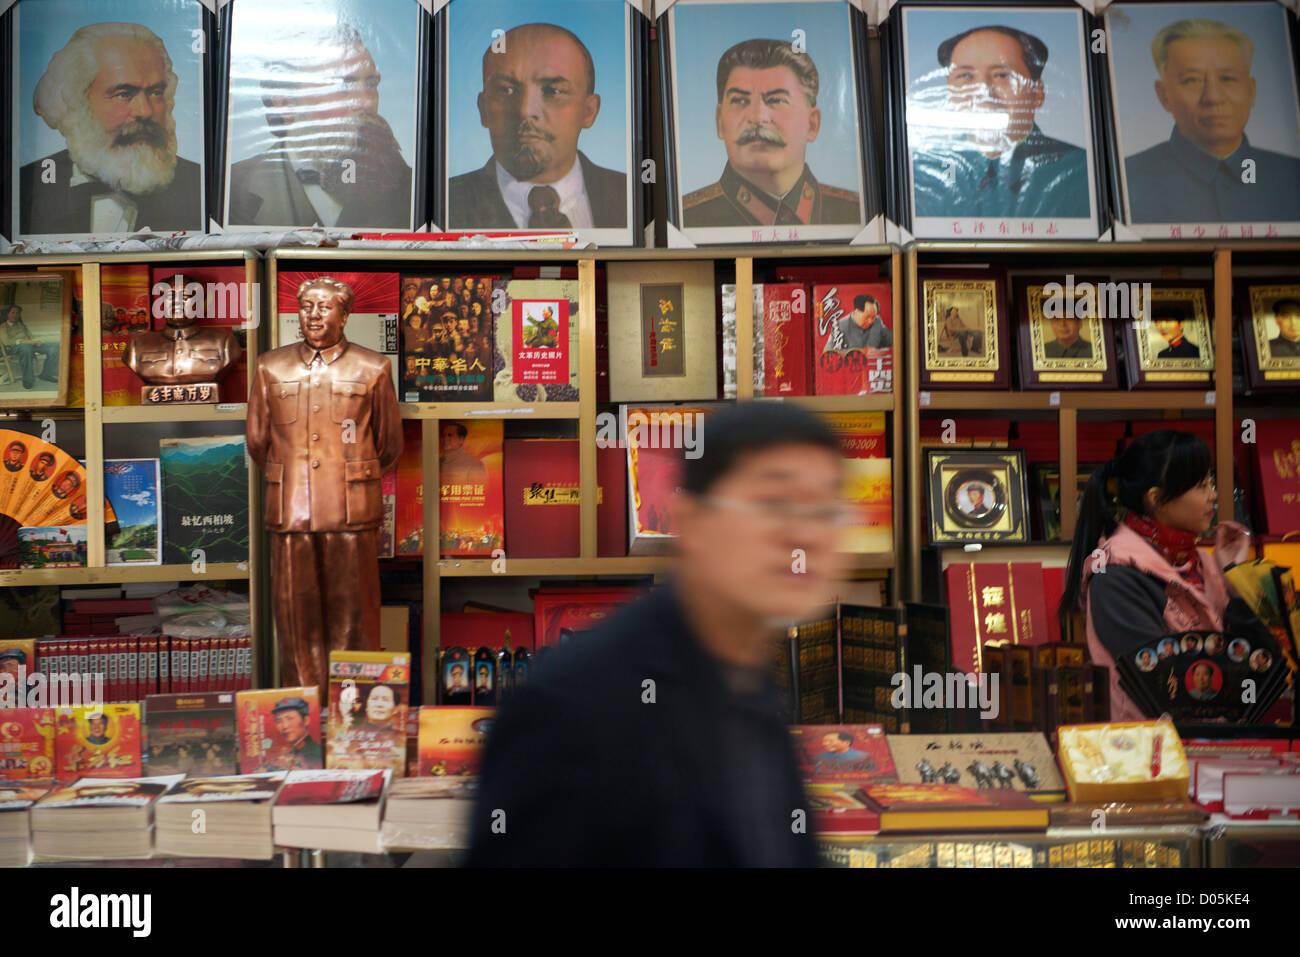 Tourisme rouge souvenirs sont en vente dans la région de Xibaipo Pingshan, pays, province de Hebei, Chine. Photo Stock